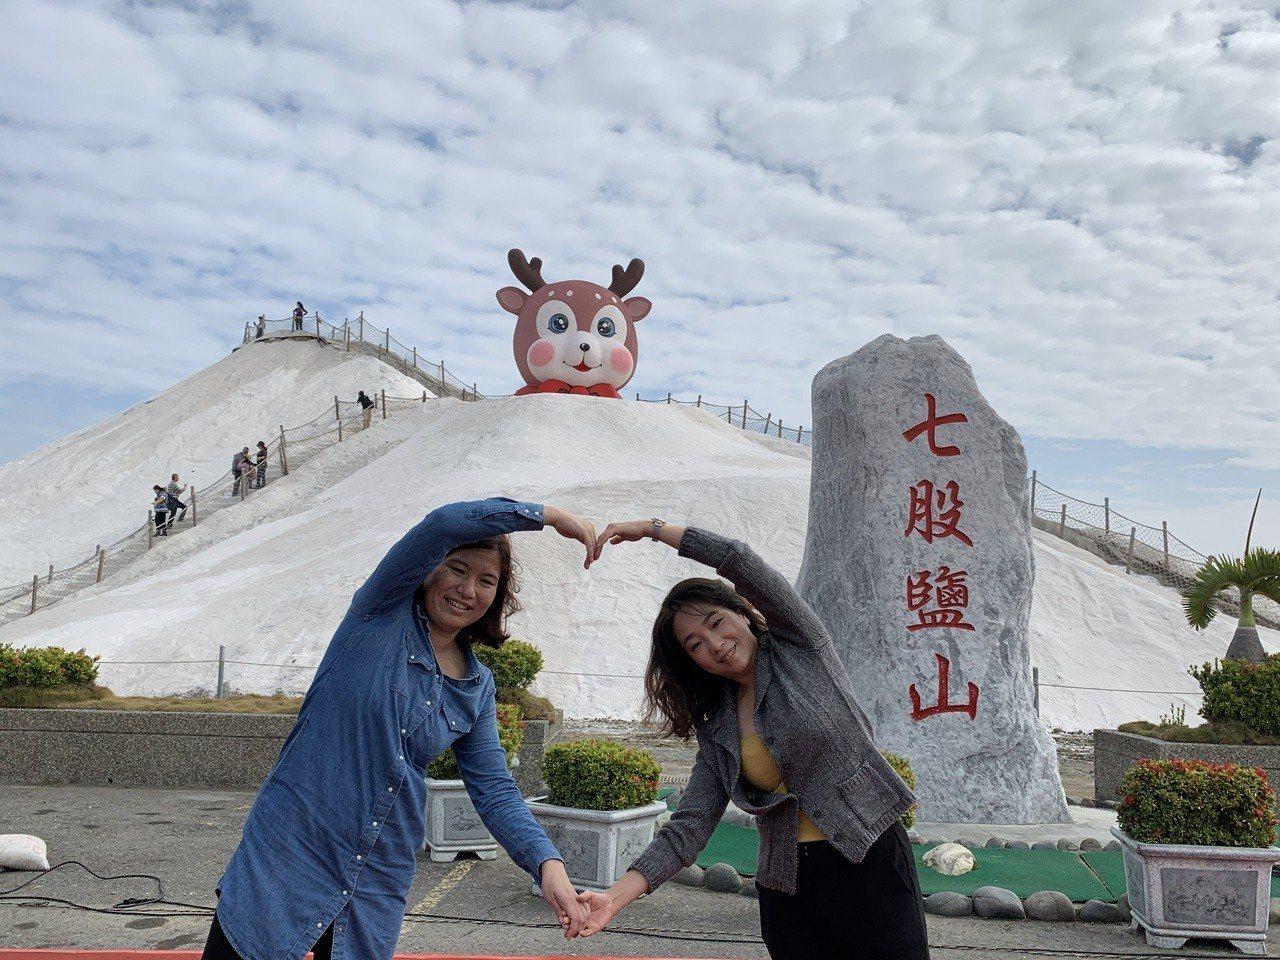 七股鹽山大型裝置藝術「萌鹿」今天亮相,可愛萌樣吸引遊客拍照打卡。記者吳淑玲/攝影